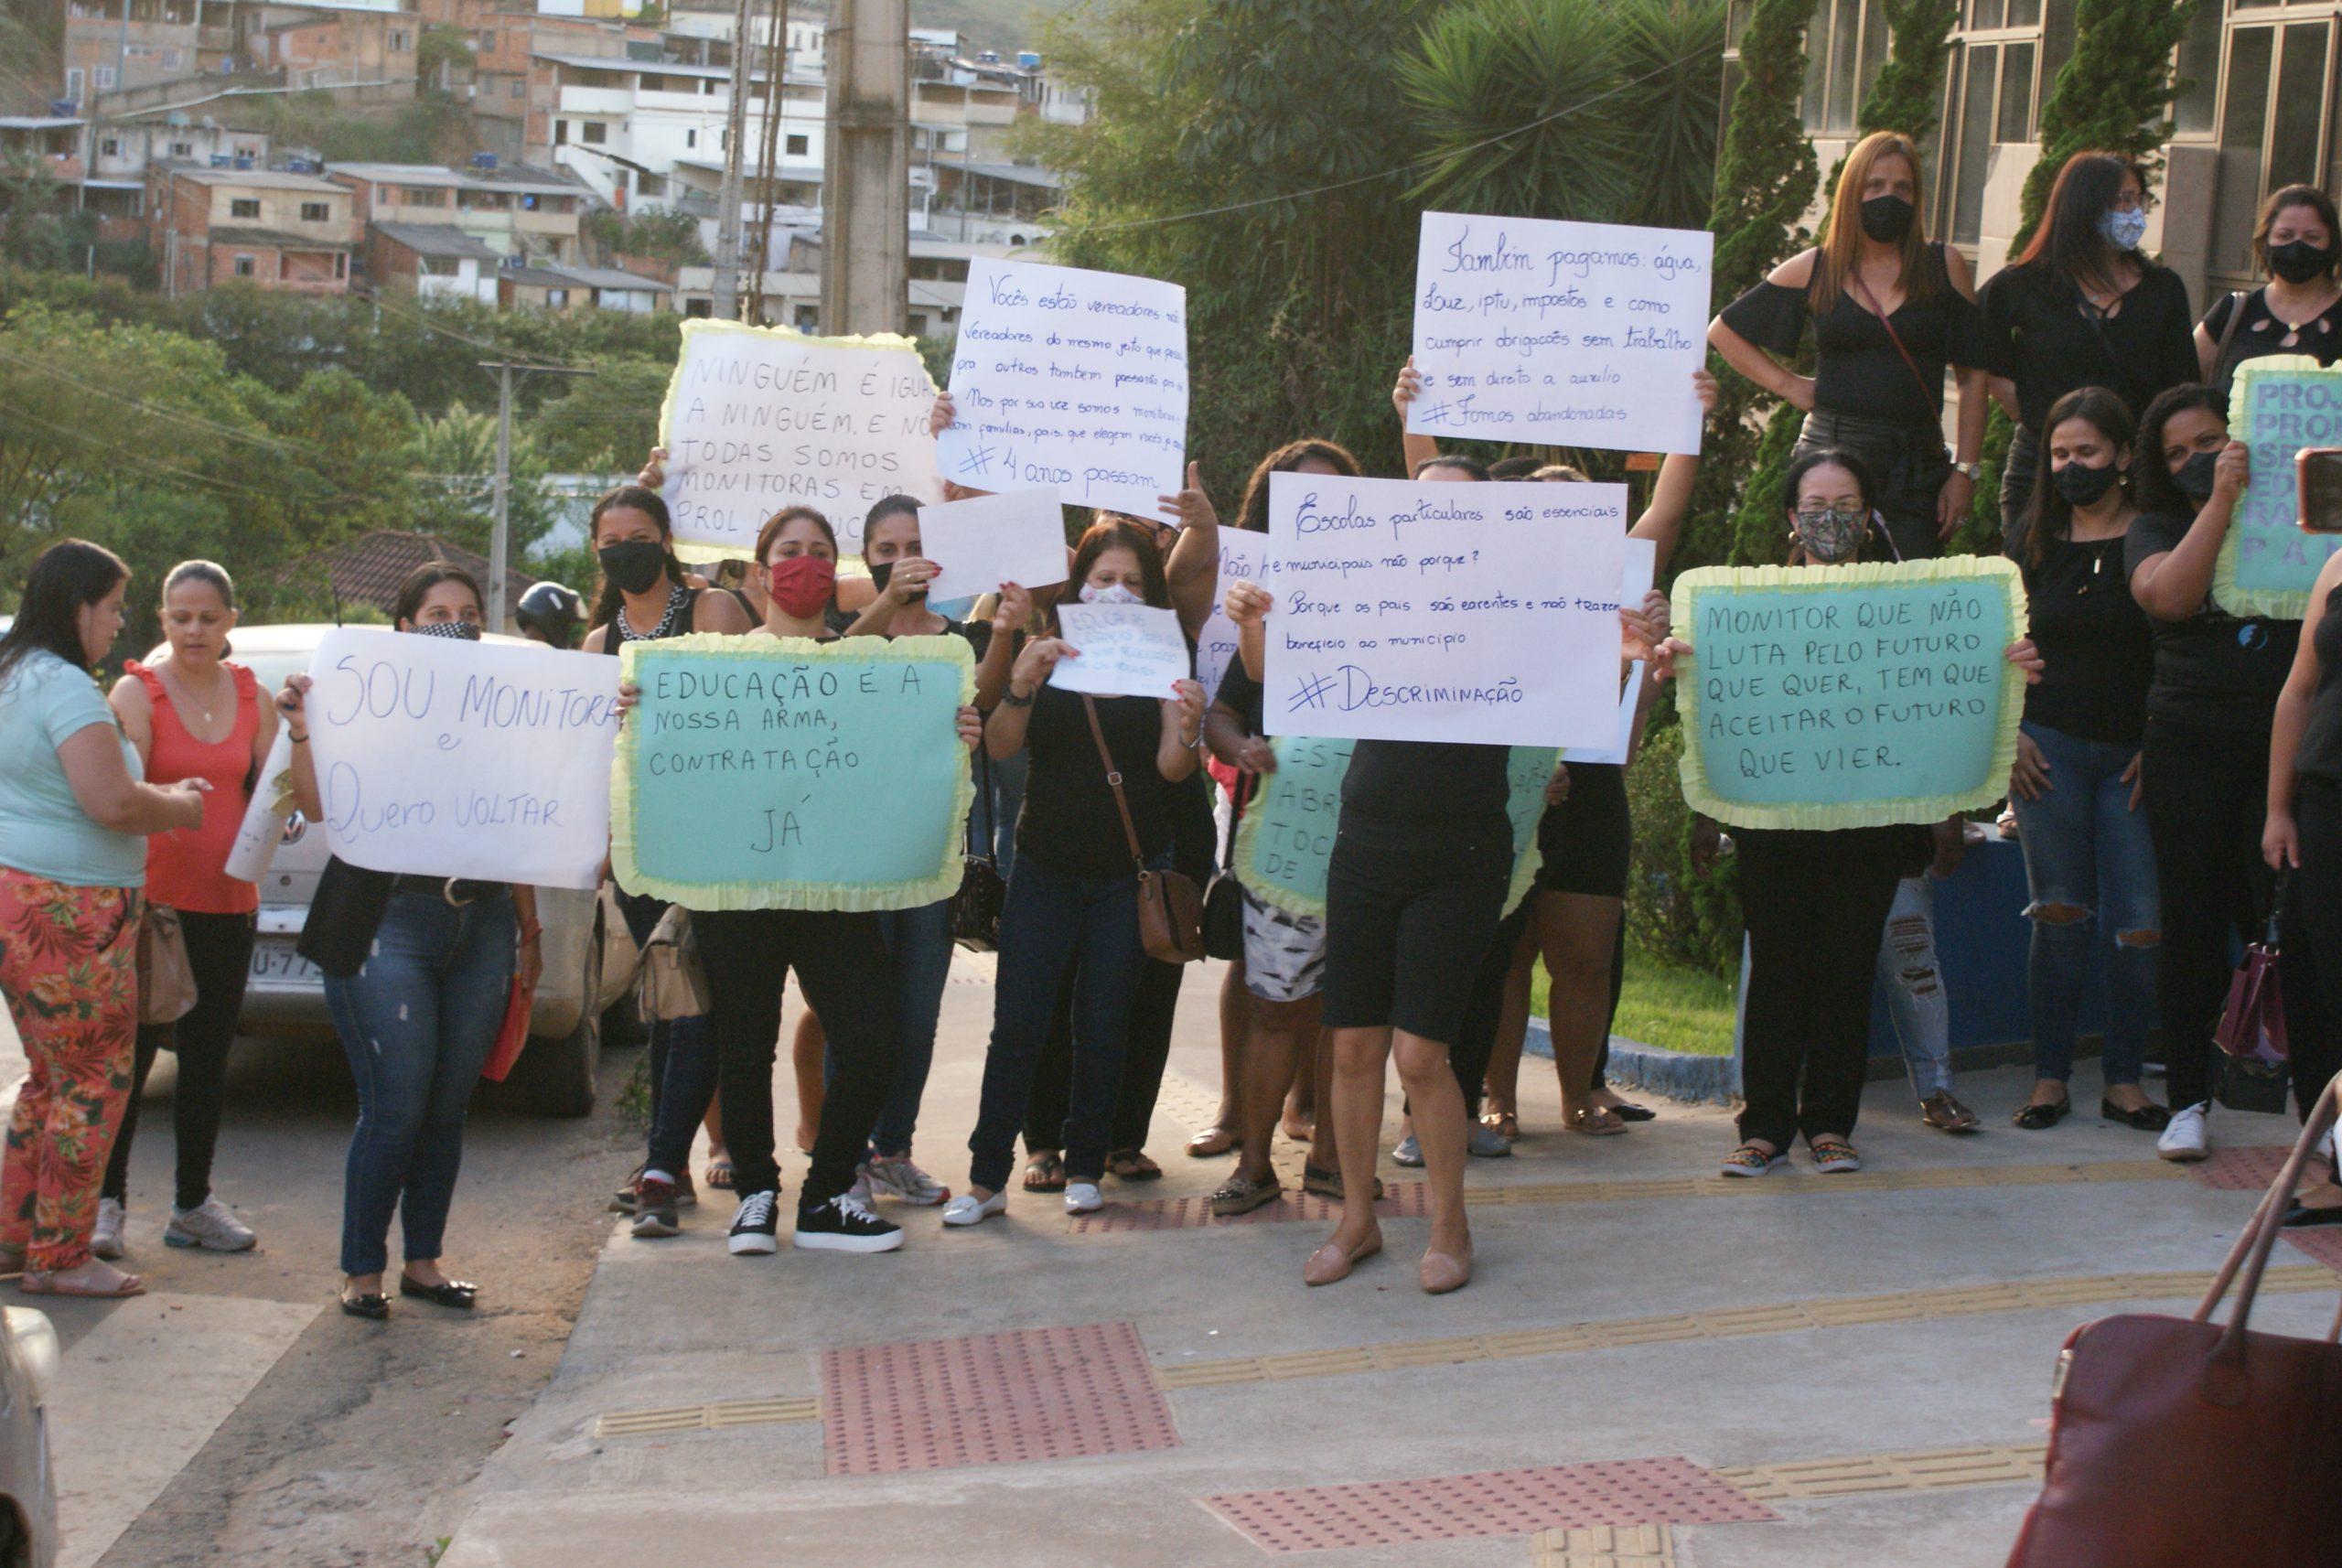 Lei aprovada na Câmara Municipal de Manhuaçu não está sendo cumprida